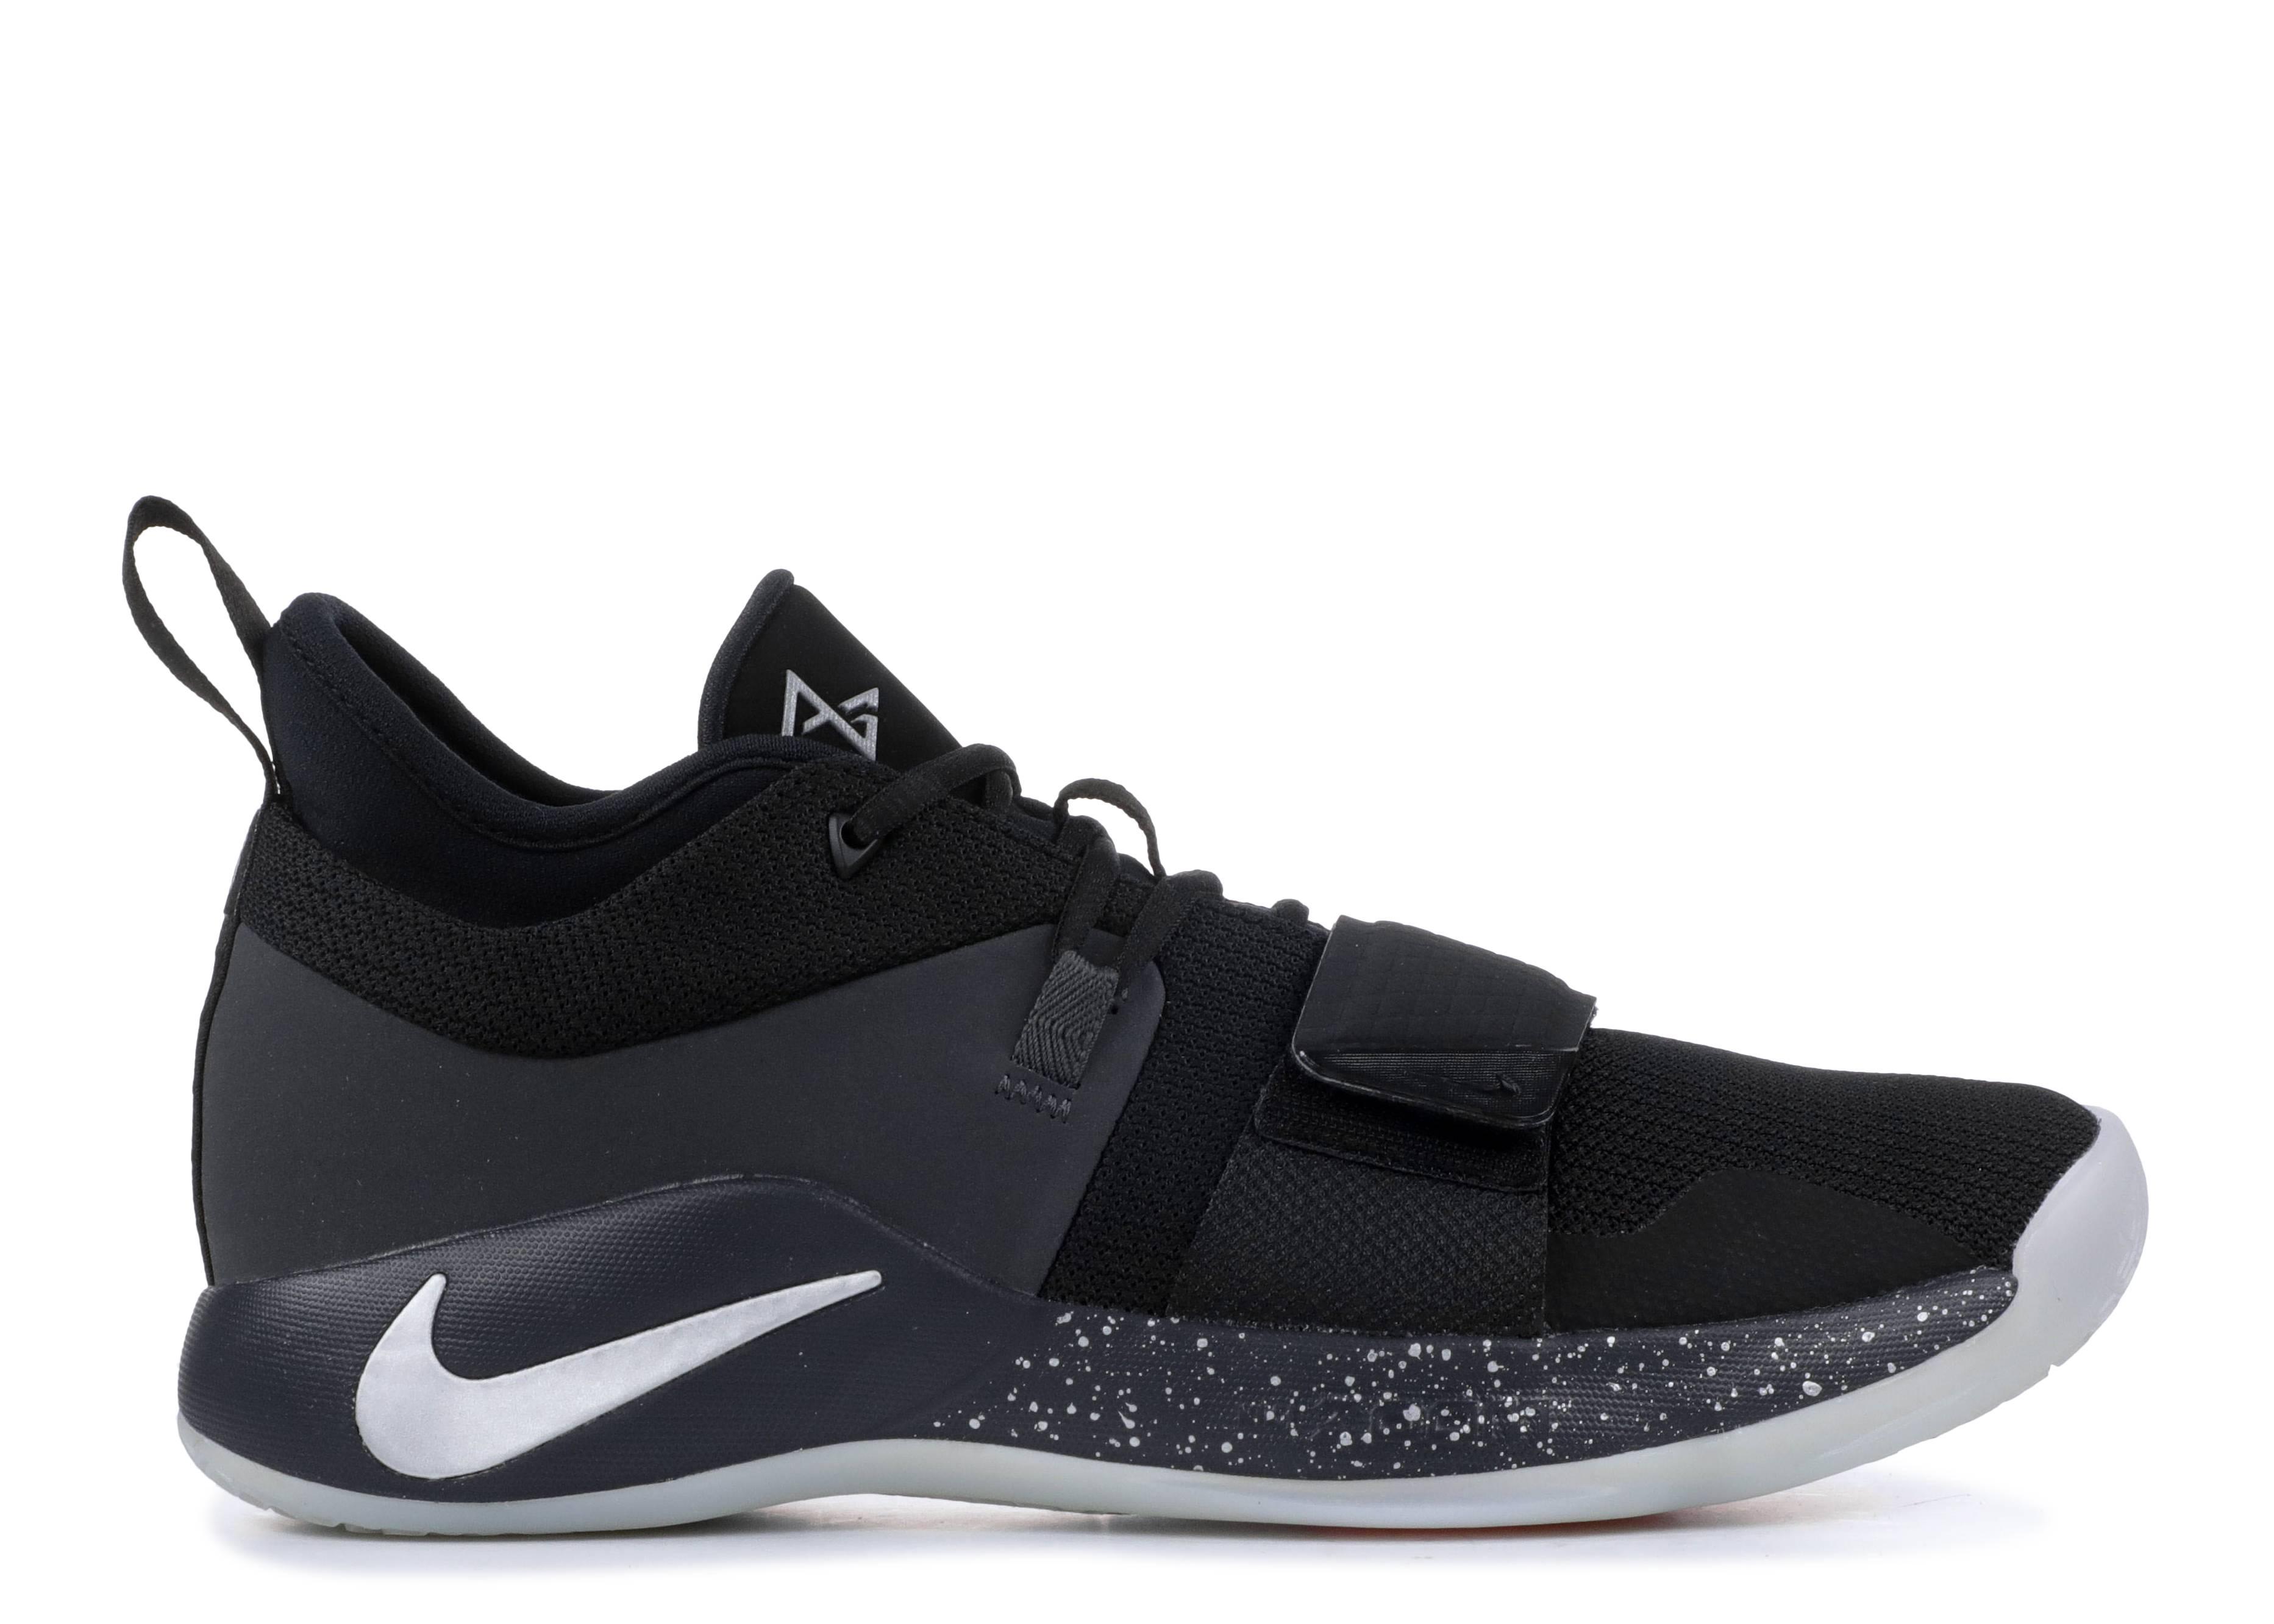 907538ab3b8b Pg 2.5 - Nike - bq8452 004 - black pure platinum-anthracite